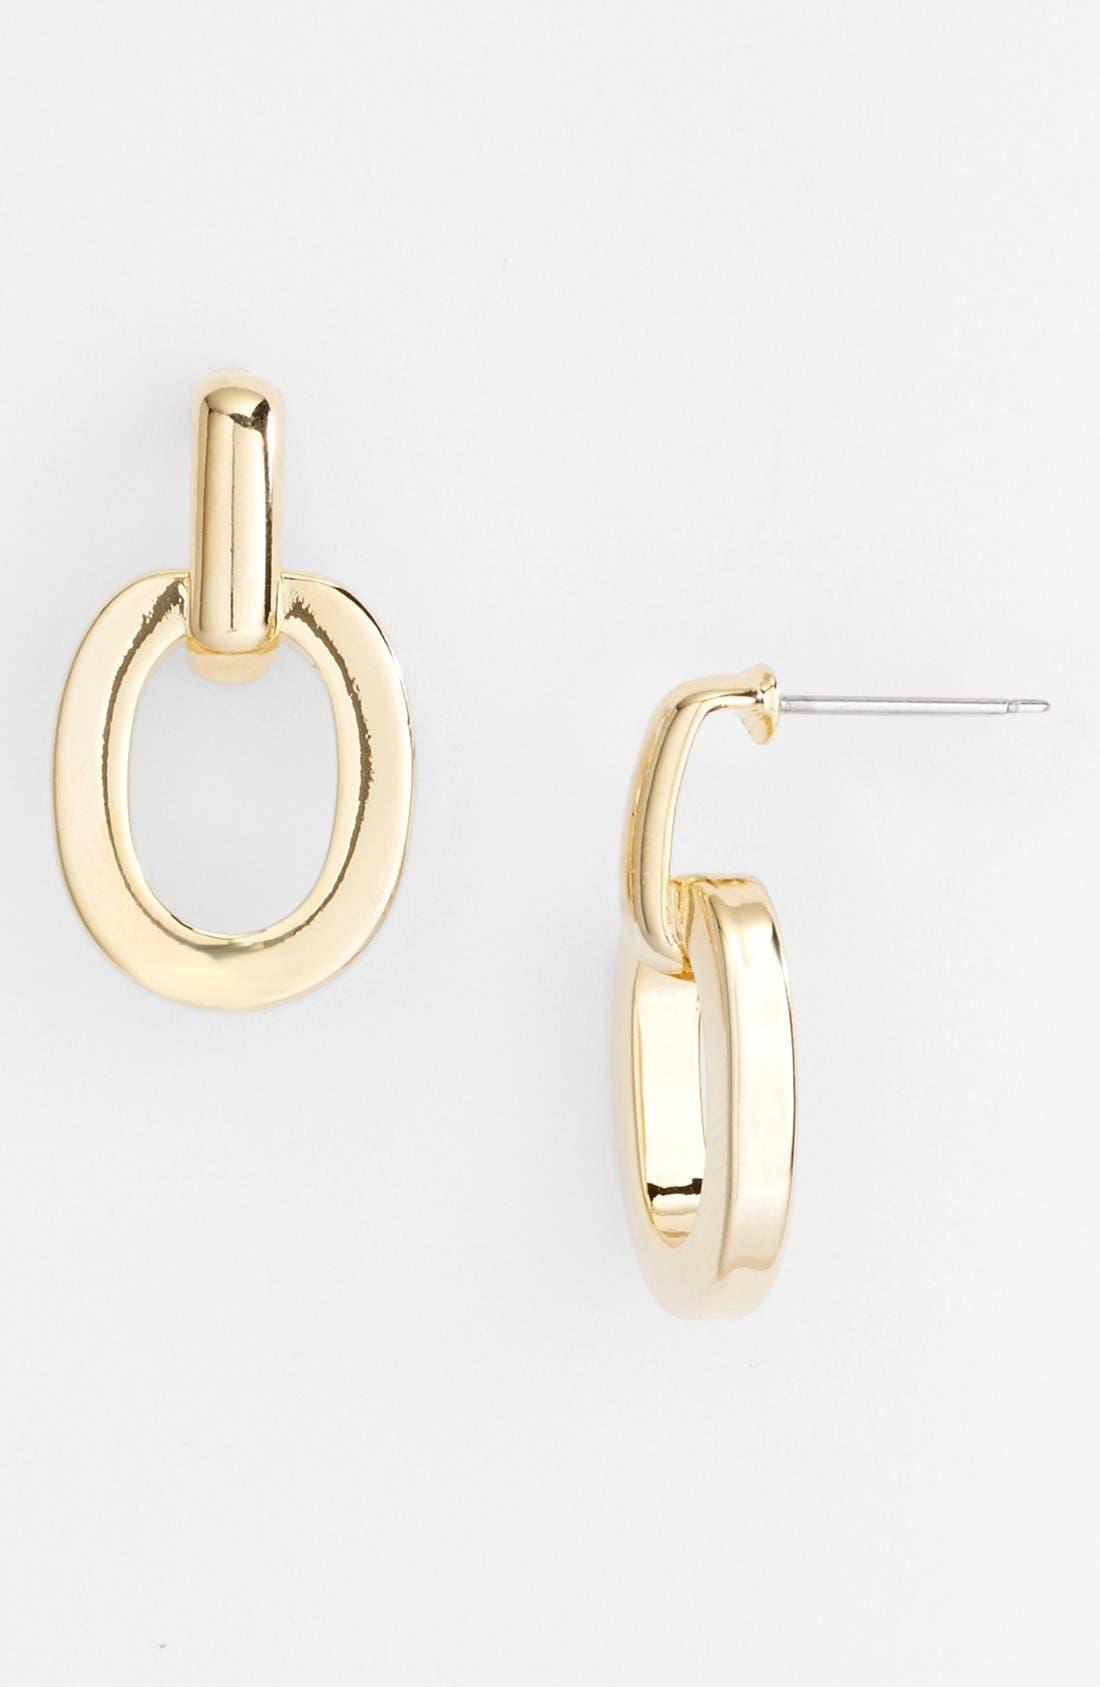 Main Image - Nordstrom 'Equestrian Link' Drop Earrings